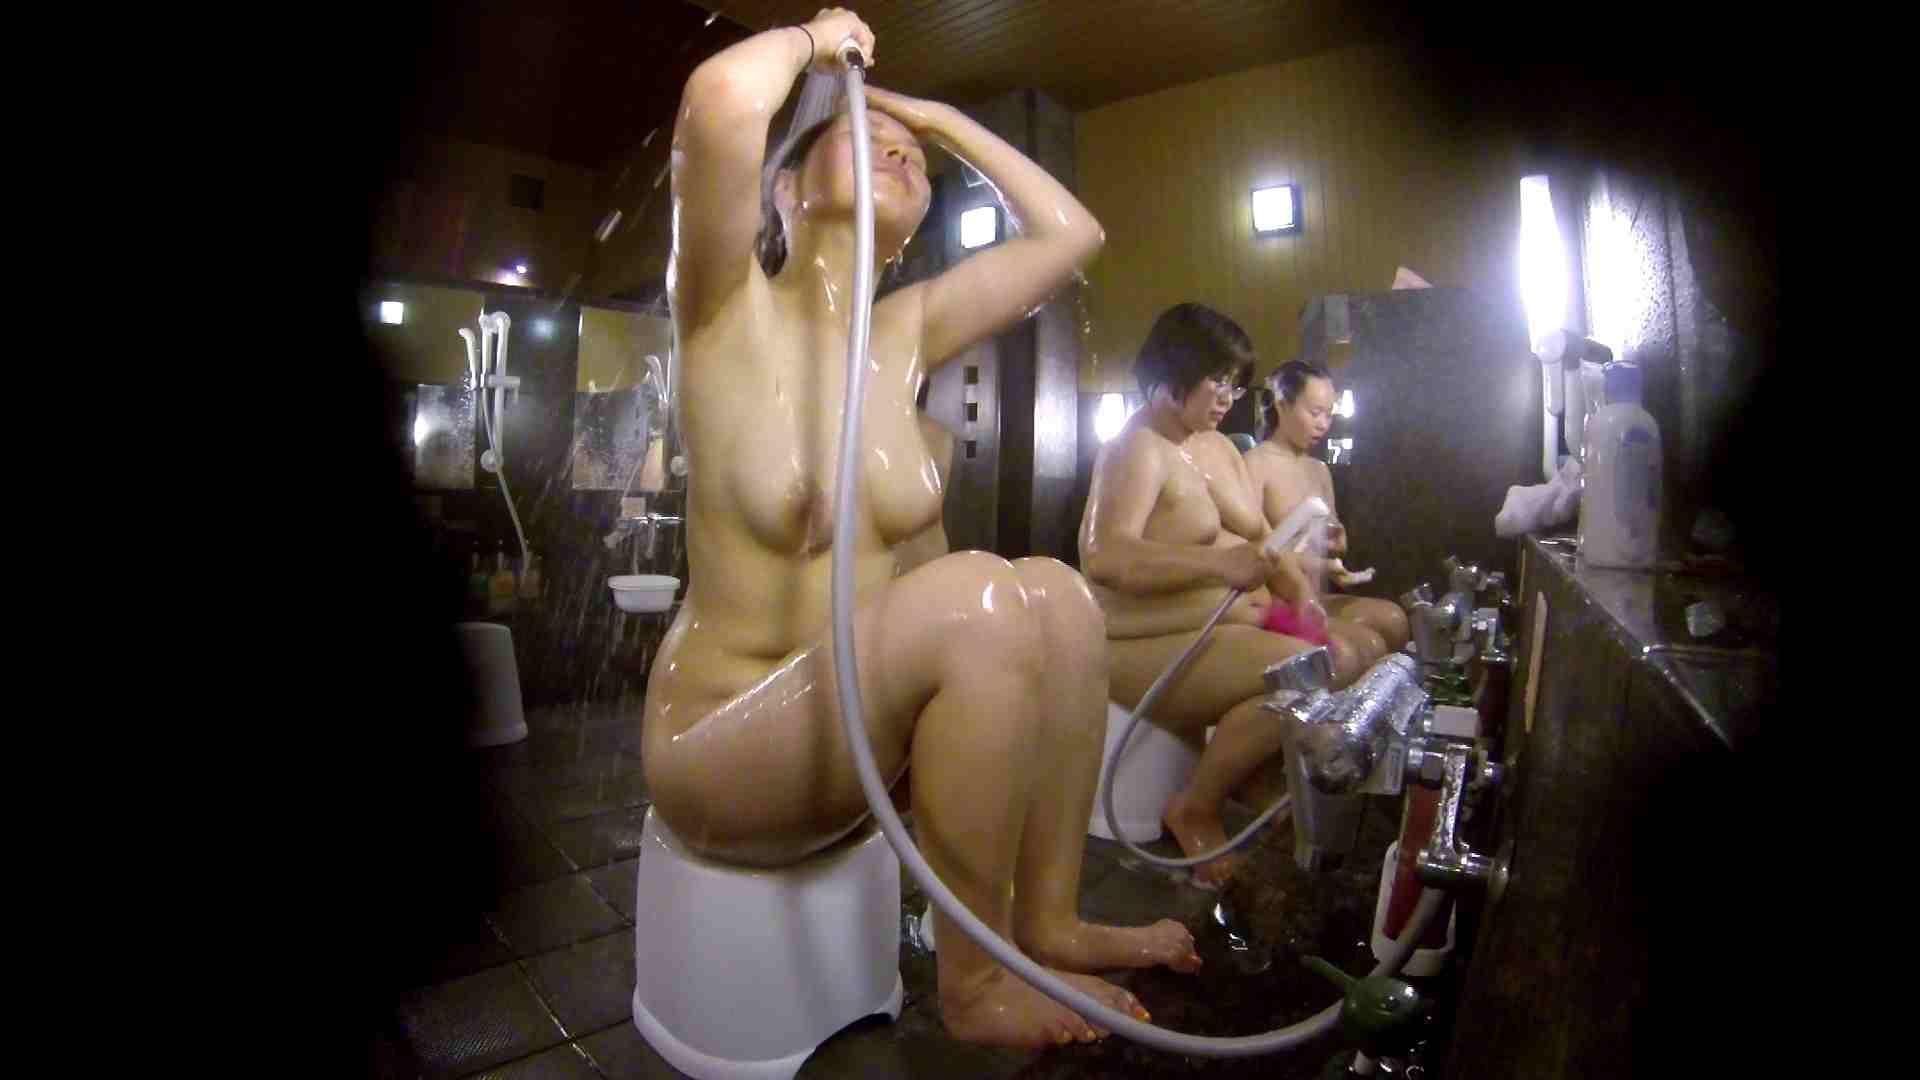 洗い場!色白でなかなかの美巨乳。柔らかく揺れまくりです 銭湯事情 性交動画流出 94枚 38